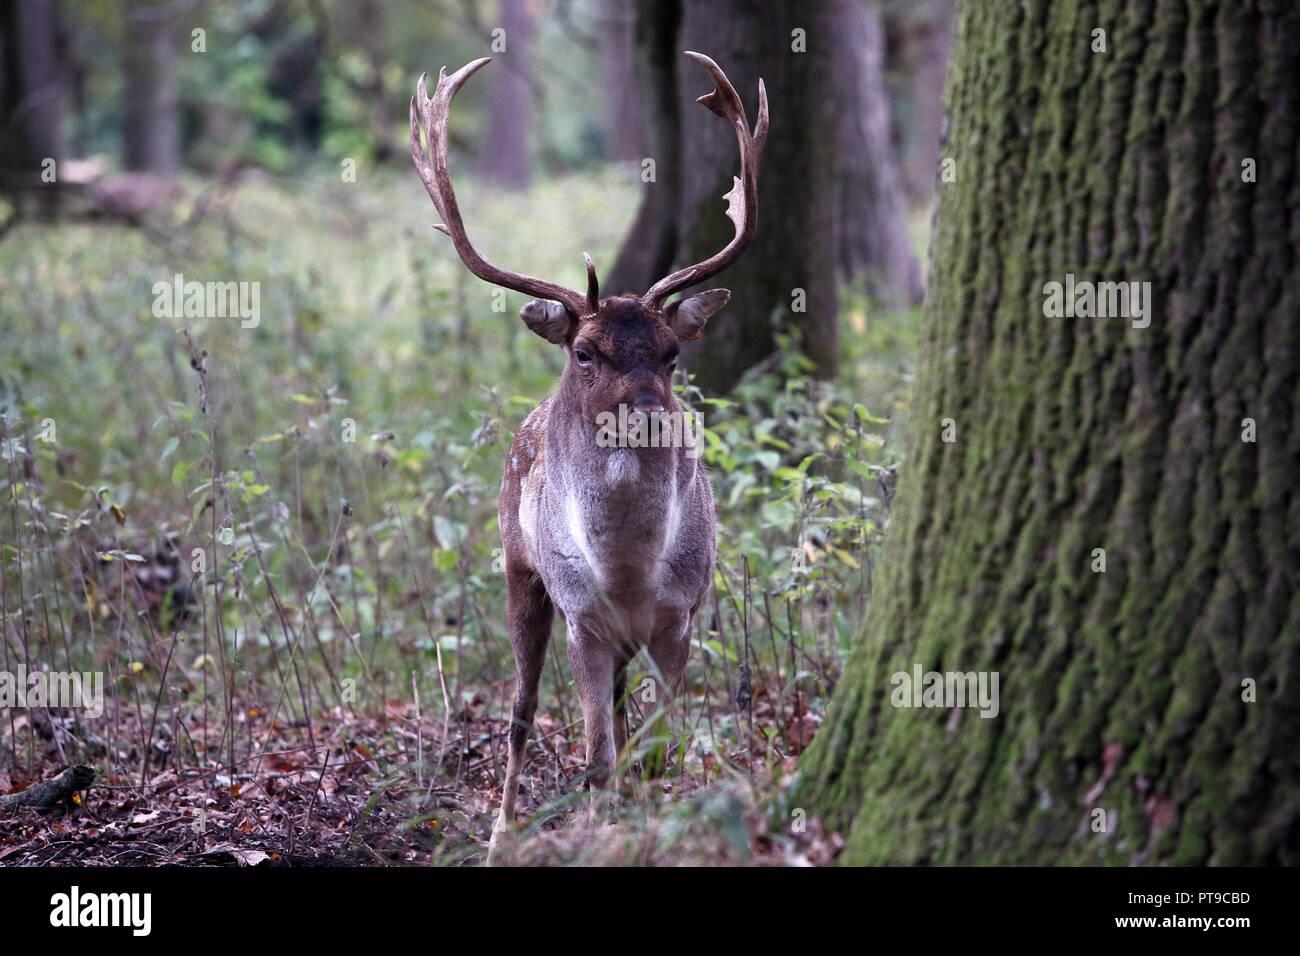 Stag Deer in Phoenix Park Dublin Ireland - Stock Image